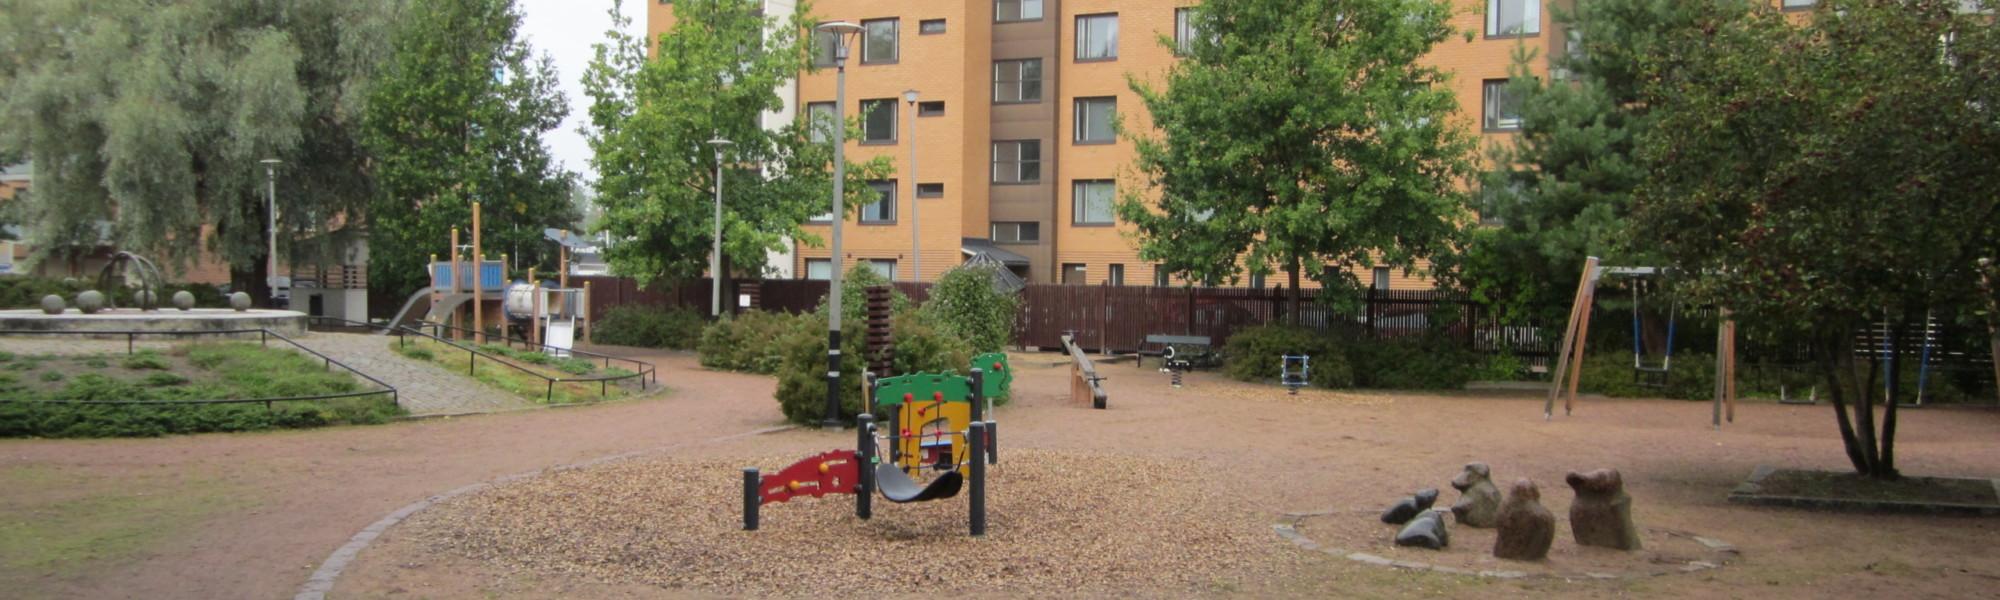 Kuvassa on Mutalahdenpuiston leikkipaikka